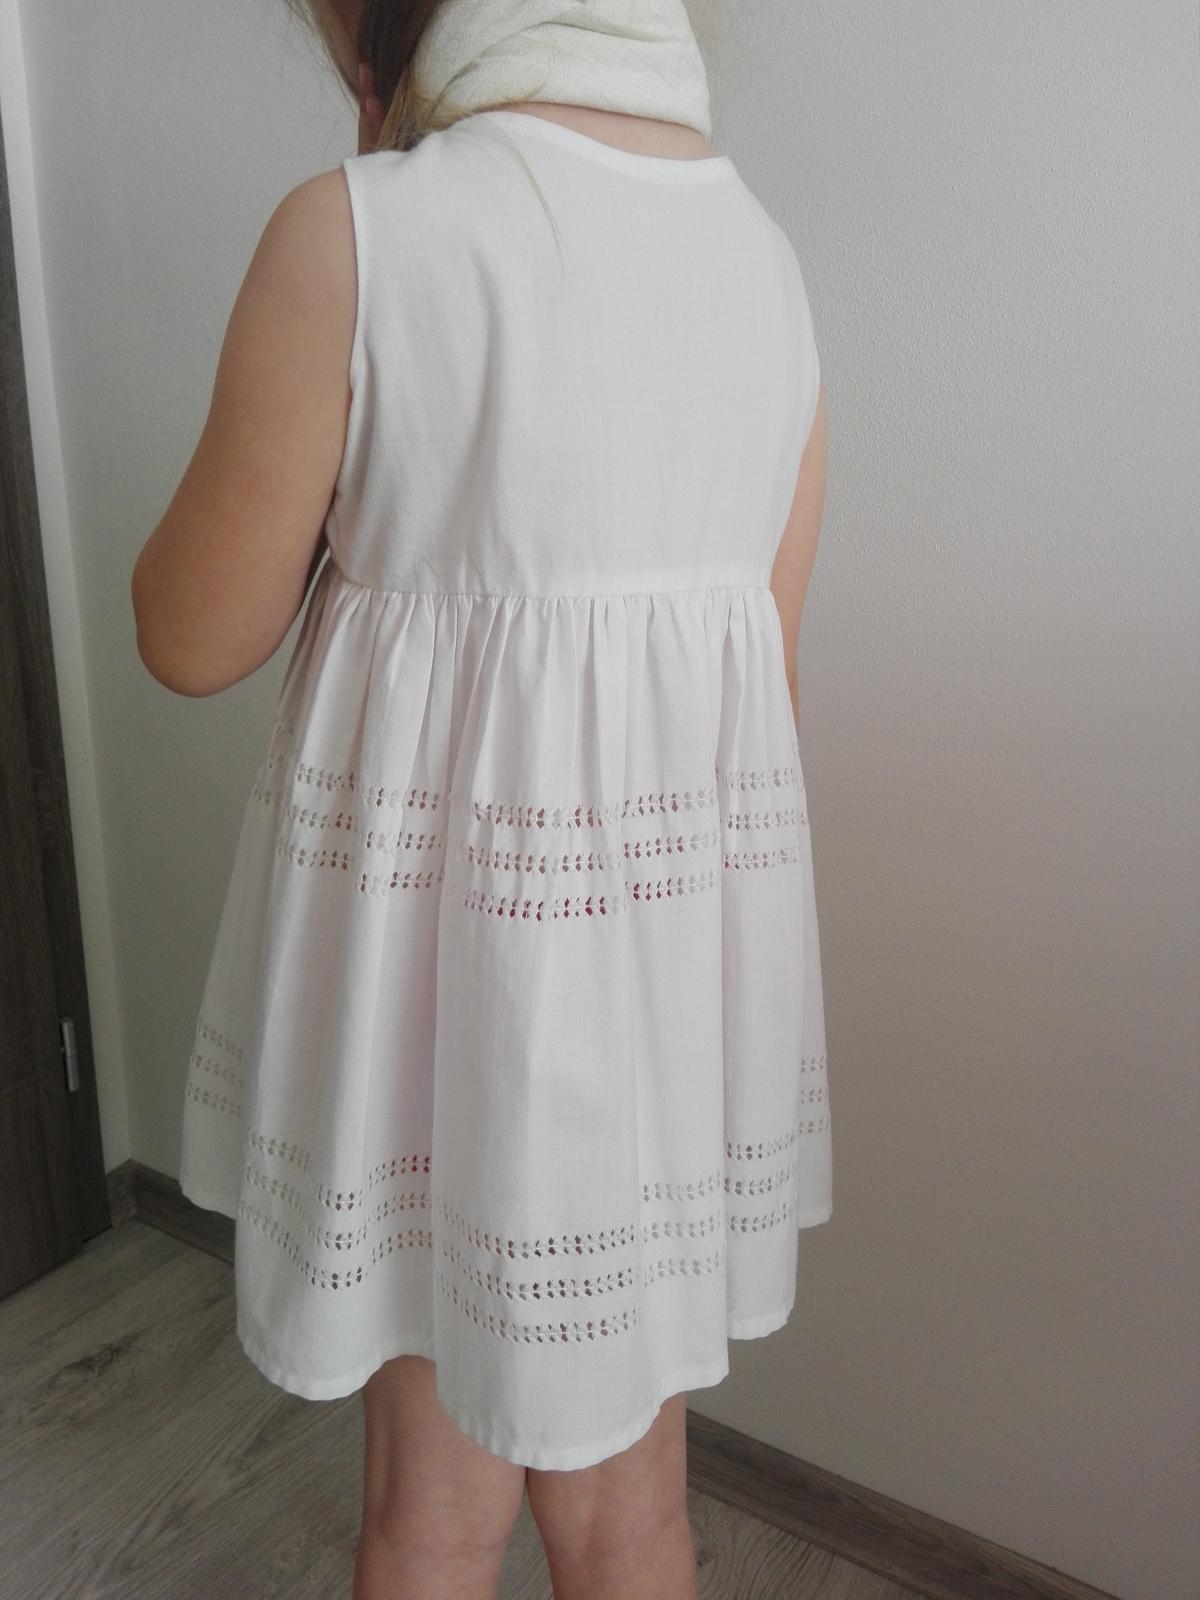 biele dievcenske saty - Obrázok č. 3